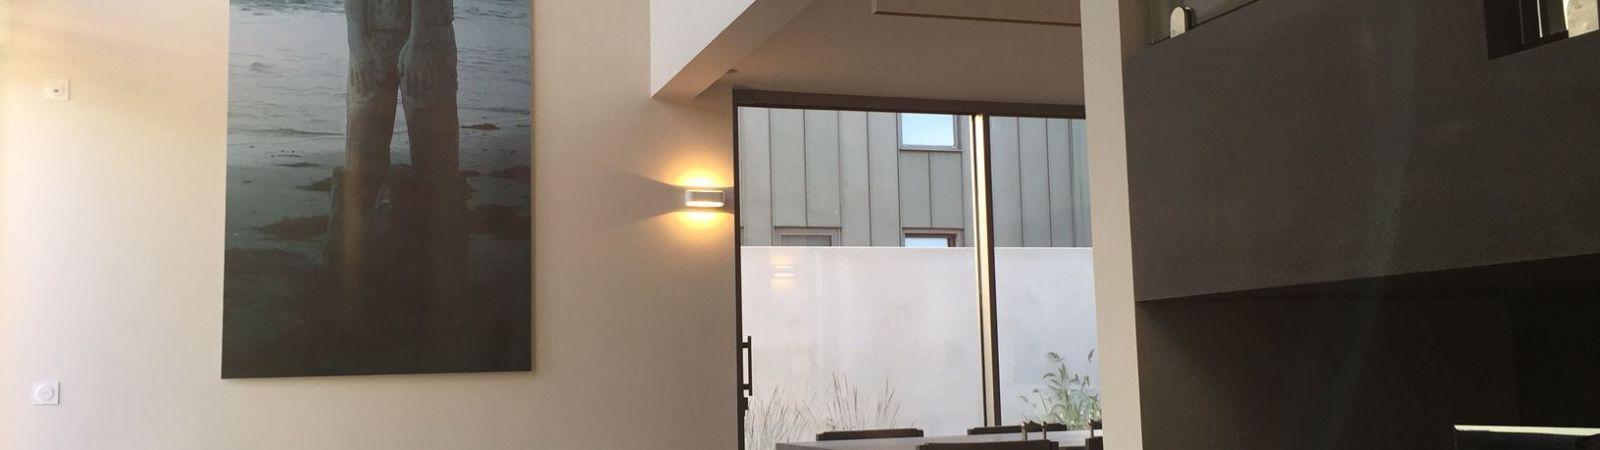 photo 18: Maison d'architecte en plein cœur de Vannes